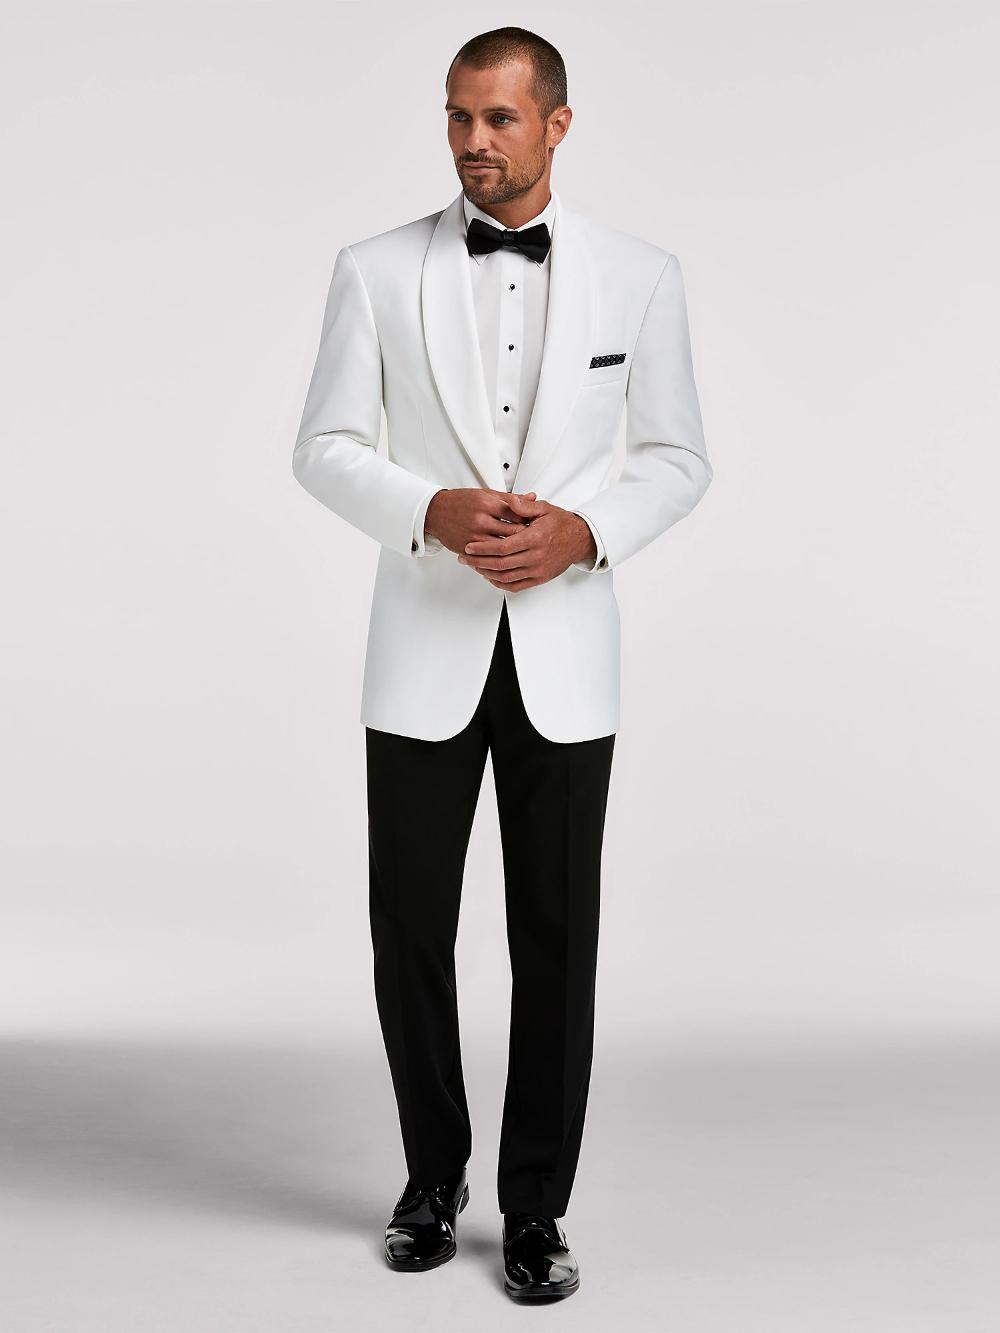 Joseph & Feiss White Dinner Jacket Tux in 2020 Wedding